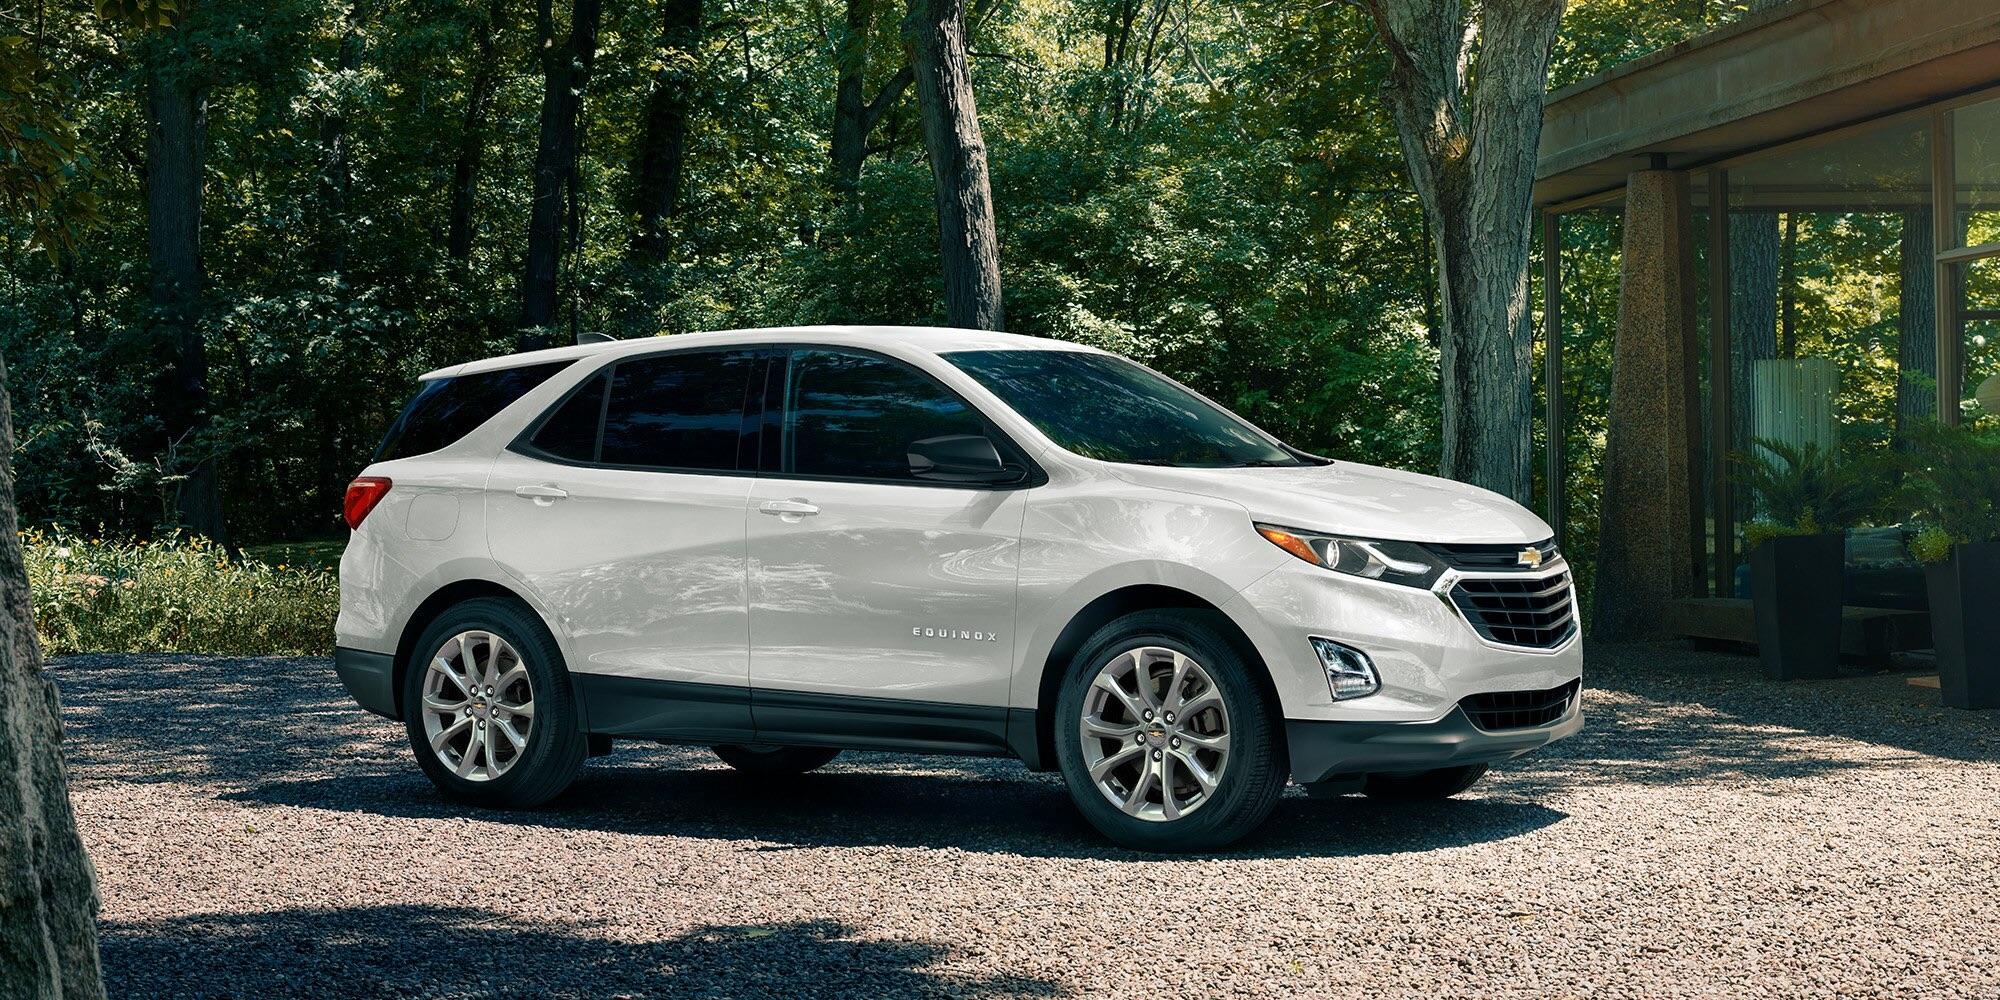 Chevrolet Equinox 2020 a la venta cerca de San Diego, CA